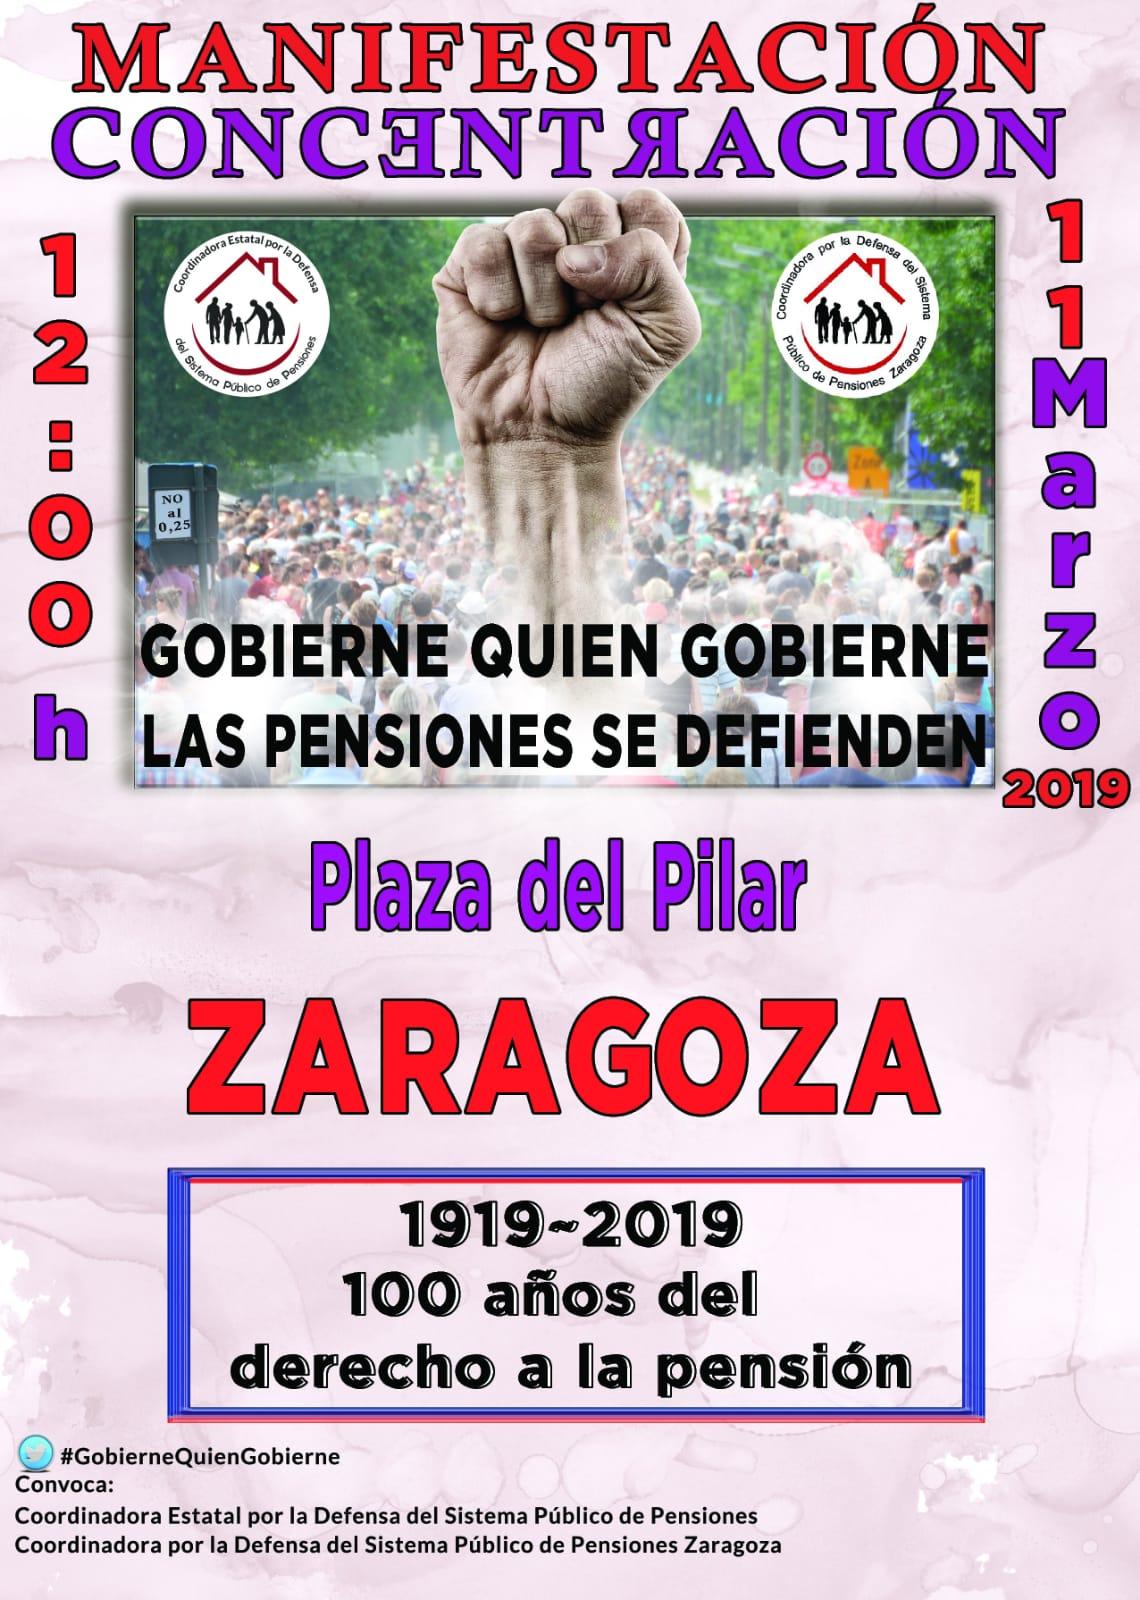 Movilización Estatal 11 de Marzo. Gobierne quien gobierne las pensiones se defienden